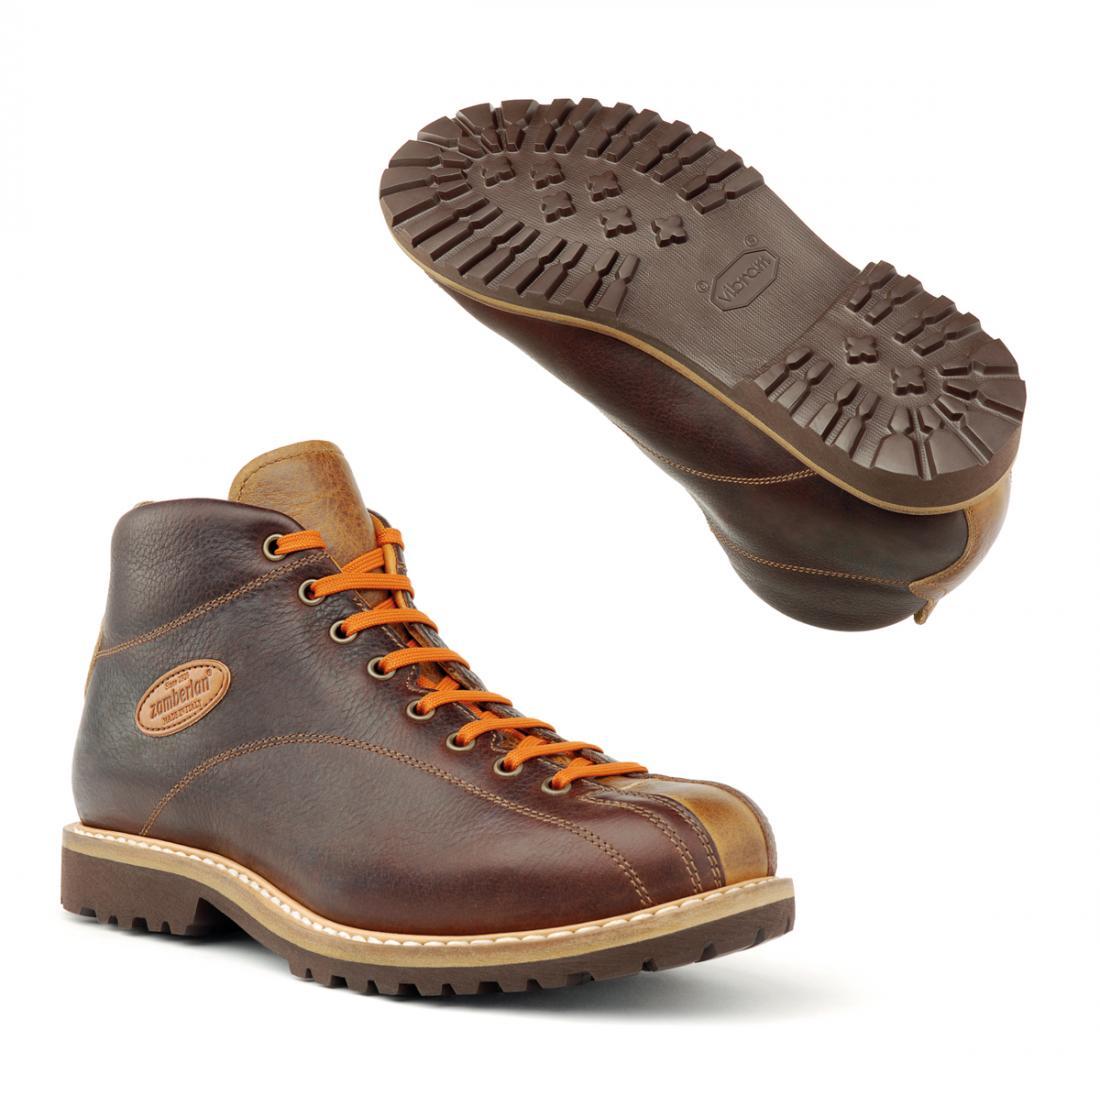 Ботинки 1121 CORTINA MID GWБотинки<br>Современные классические ботинки в городском стиле, созданные вручную мастерами Италии с применением специального метода конструкции Goodyear welted. Удобные и гибкие, они изготовлены с использованием уникальной конструкции обуви, мягкой телячьей кожи ...<br><br>Цвет: Коричневый<br>Размер: 43